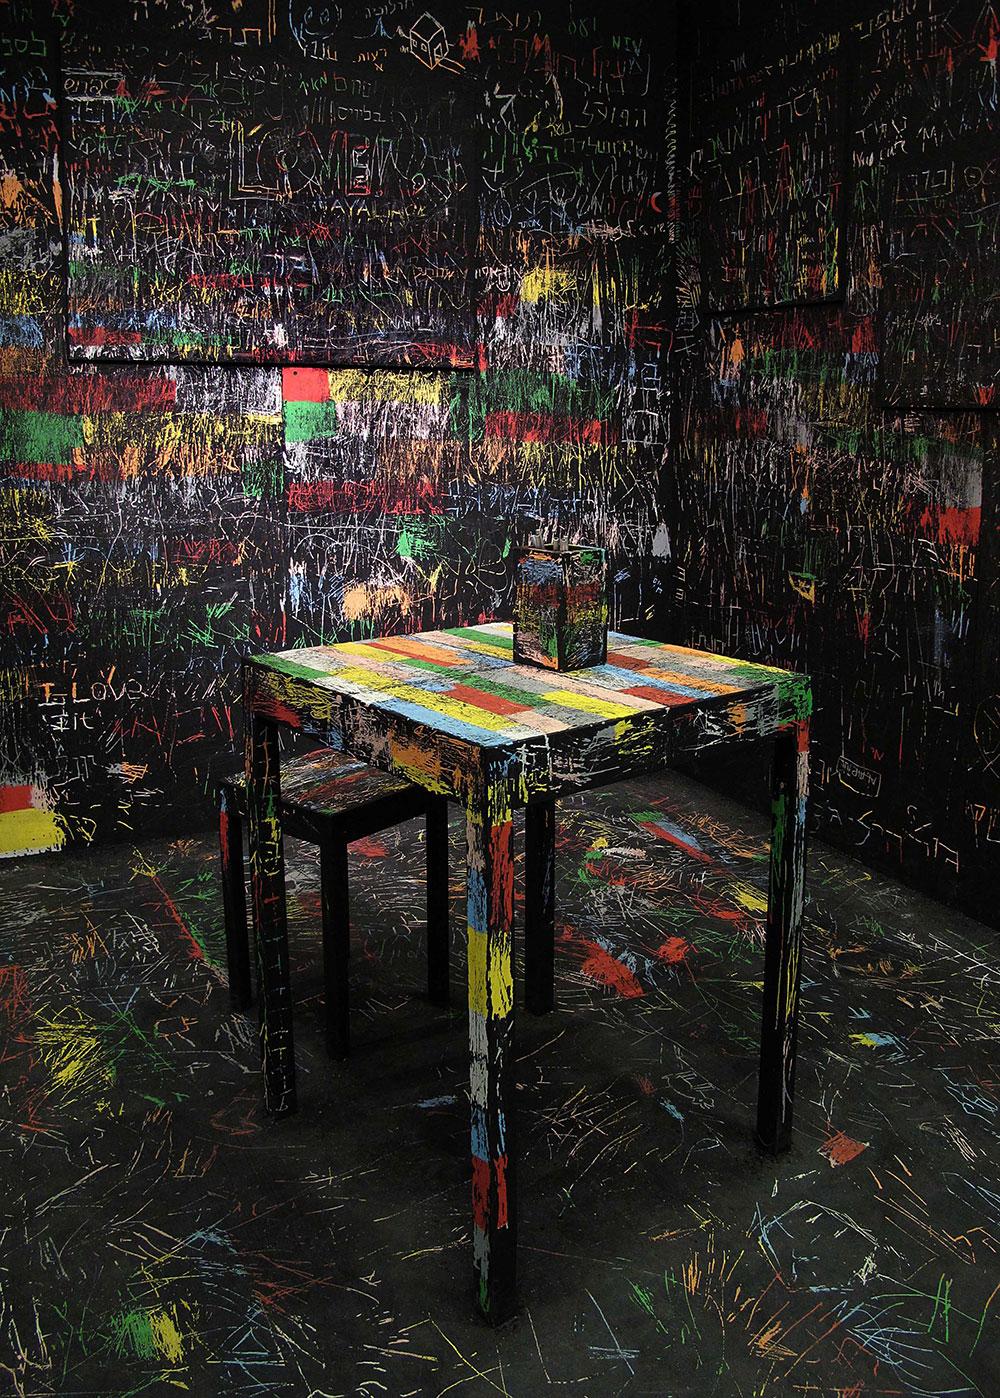 זיכרונות בצבעים מאת איתי אהלי. נקודת הסיום